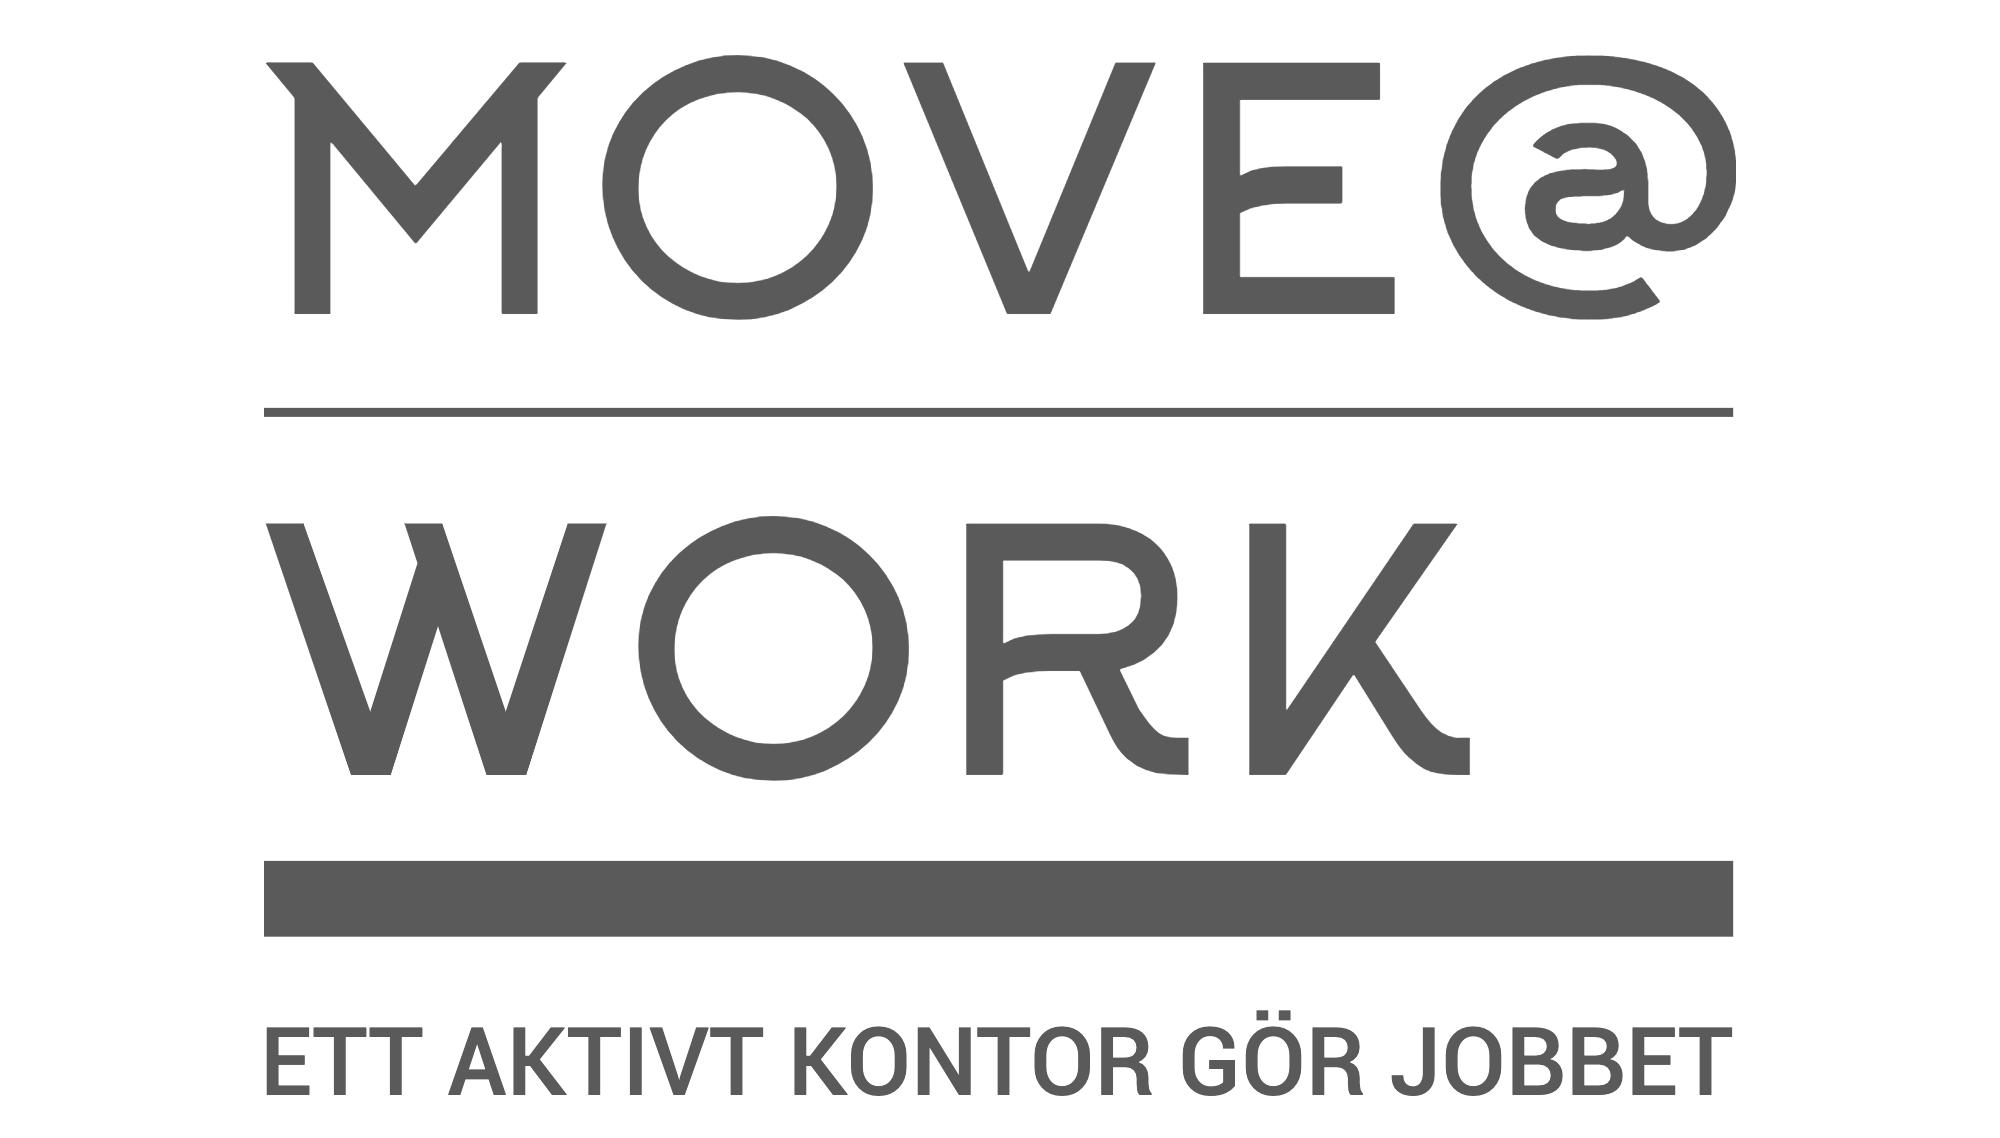 Ett Aktivt Kontor Gör Jobbet